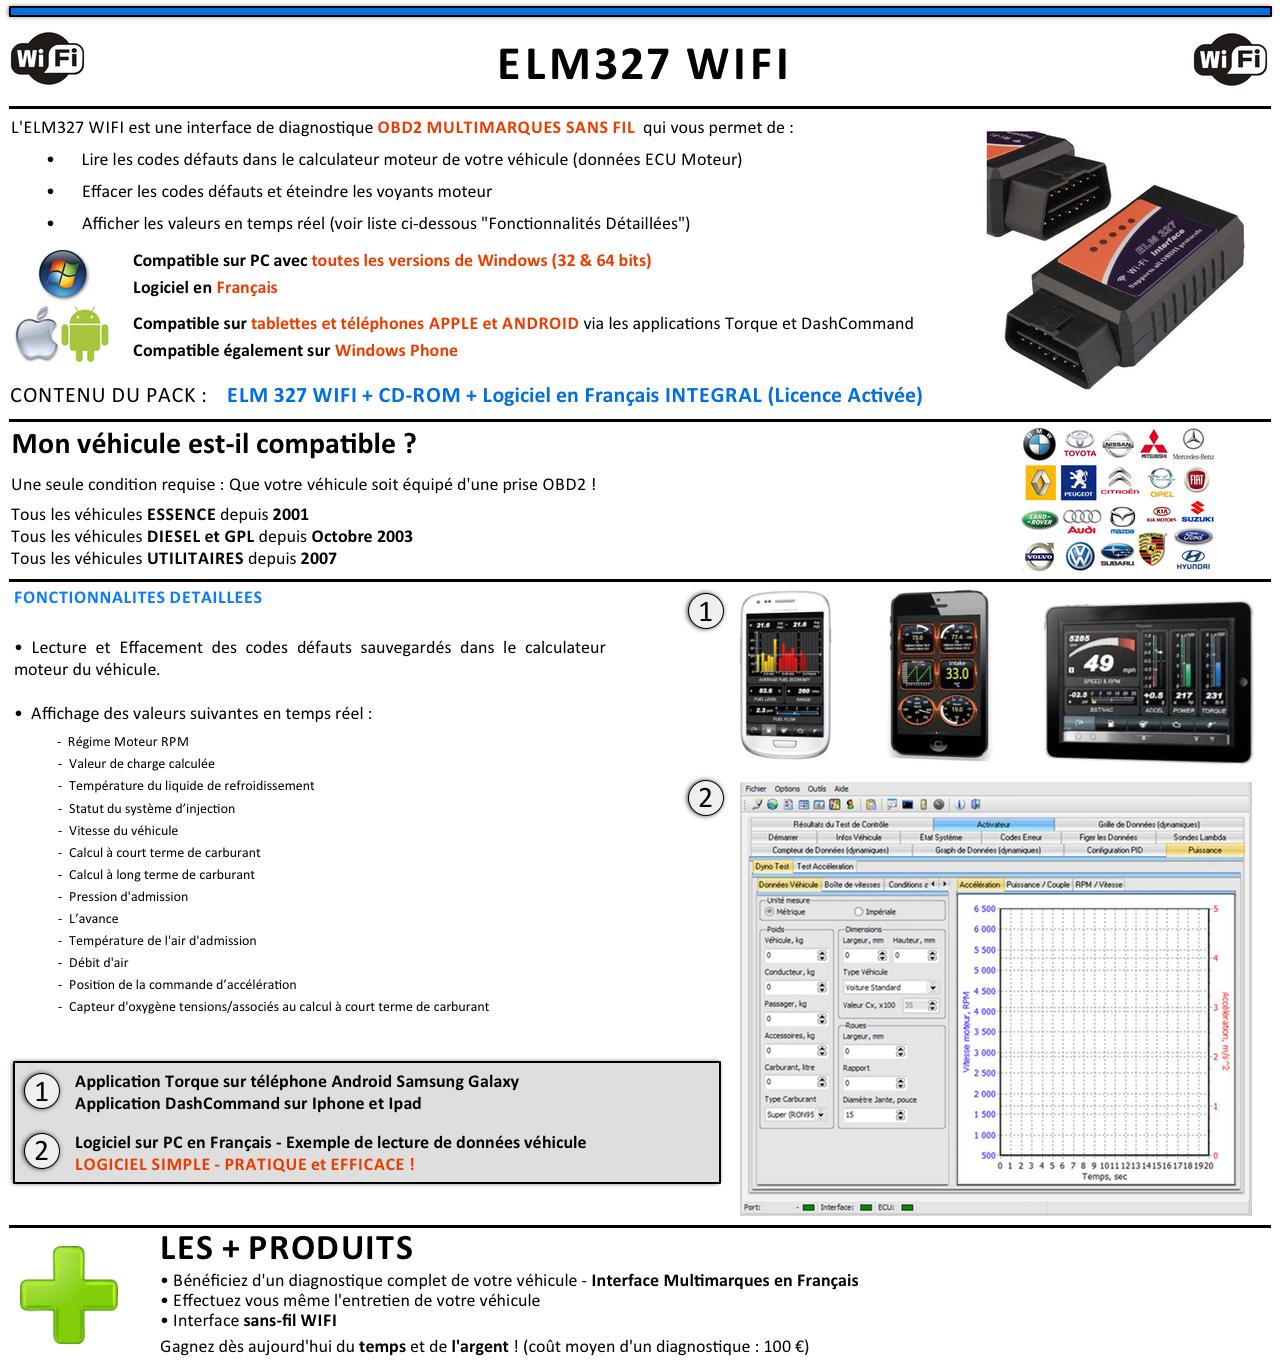 elm 327 wifi logiciel francais obd2 interface diagnostique obdii elm327 wi fi fr ebay. Black Bedroom Furniture Sets. Home Design Ideas